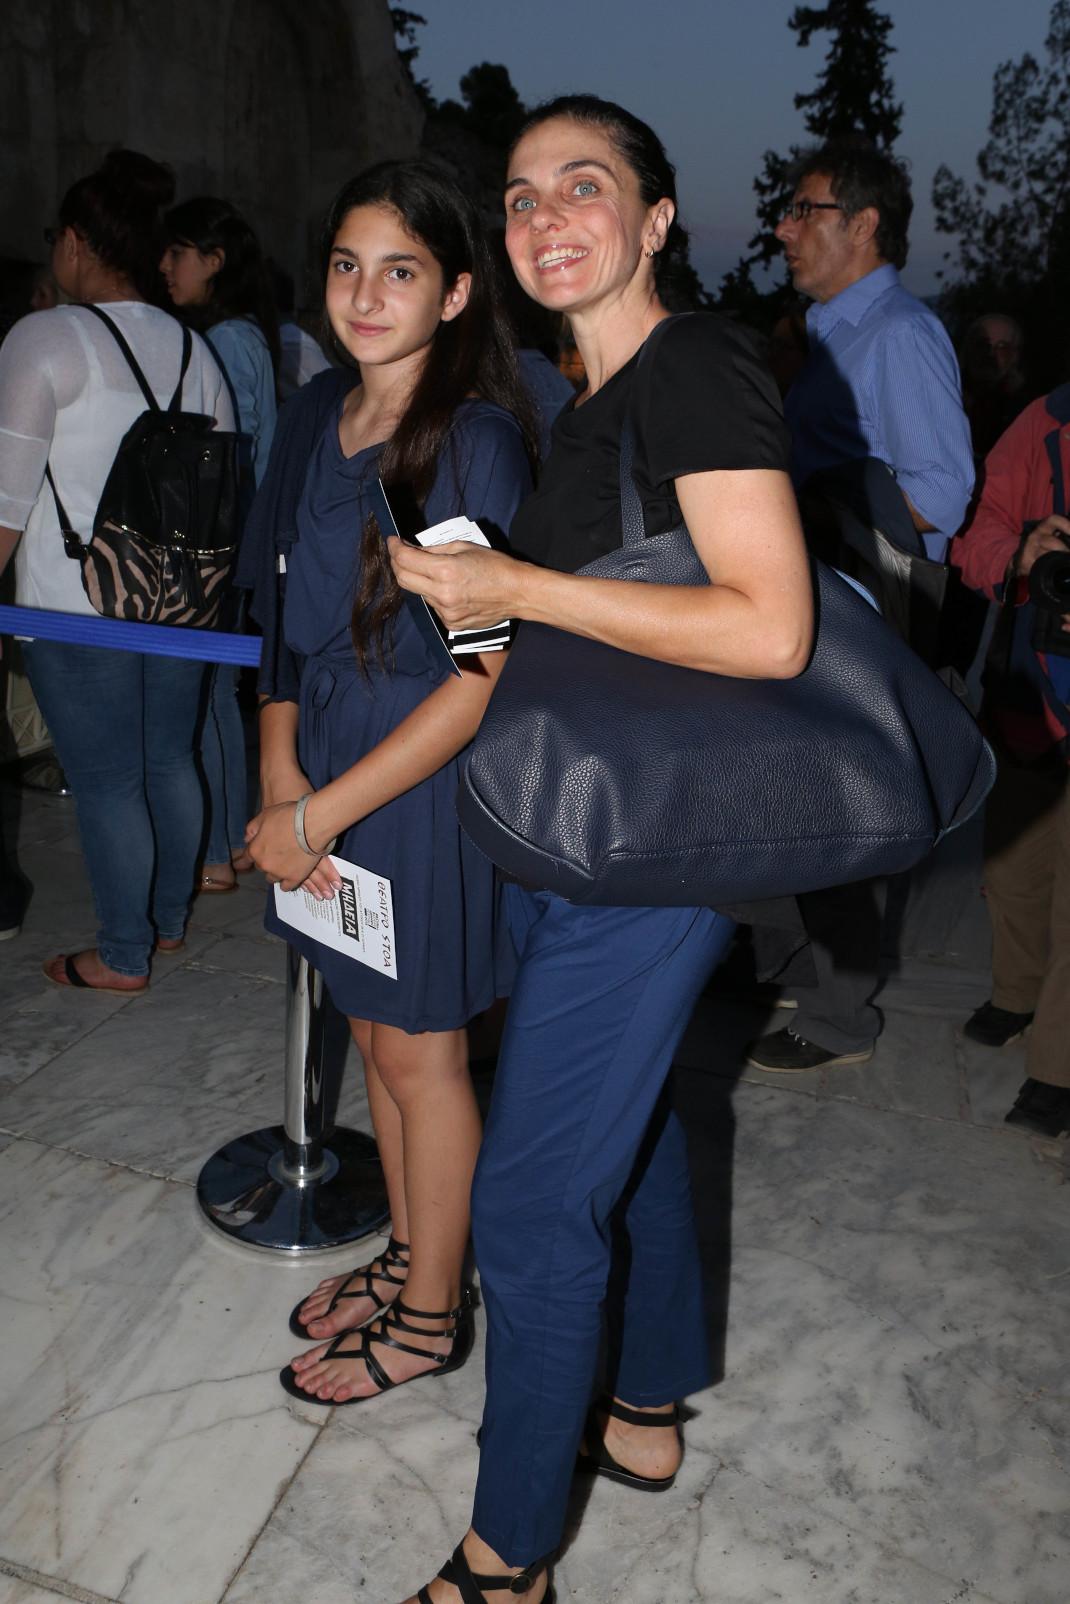 Ελίνα Ακριτίδου με την κόρη της